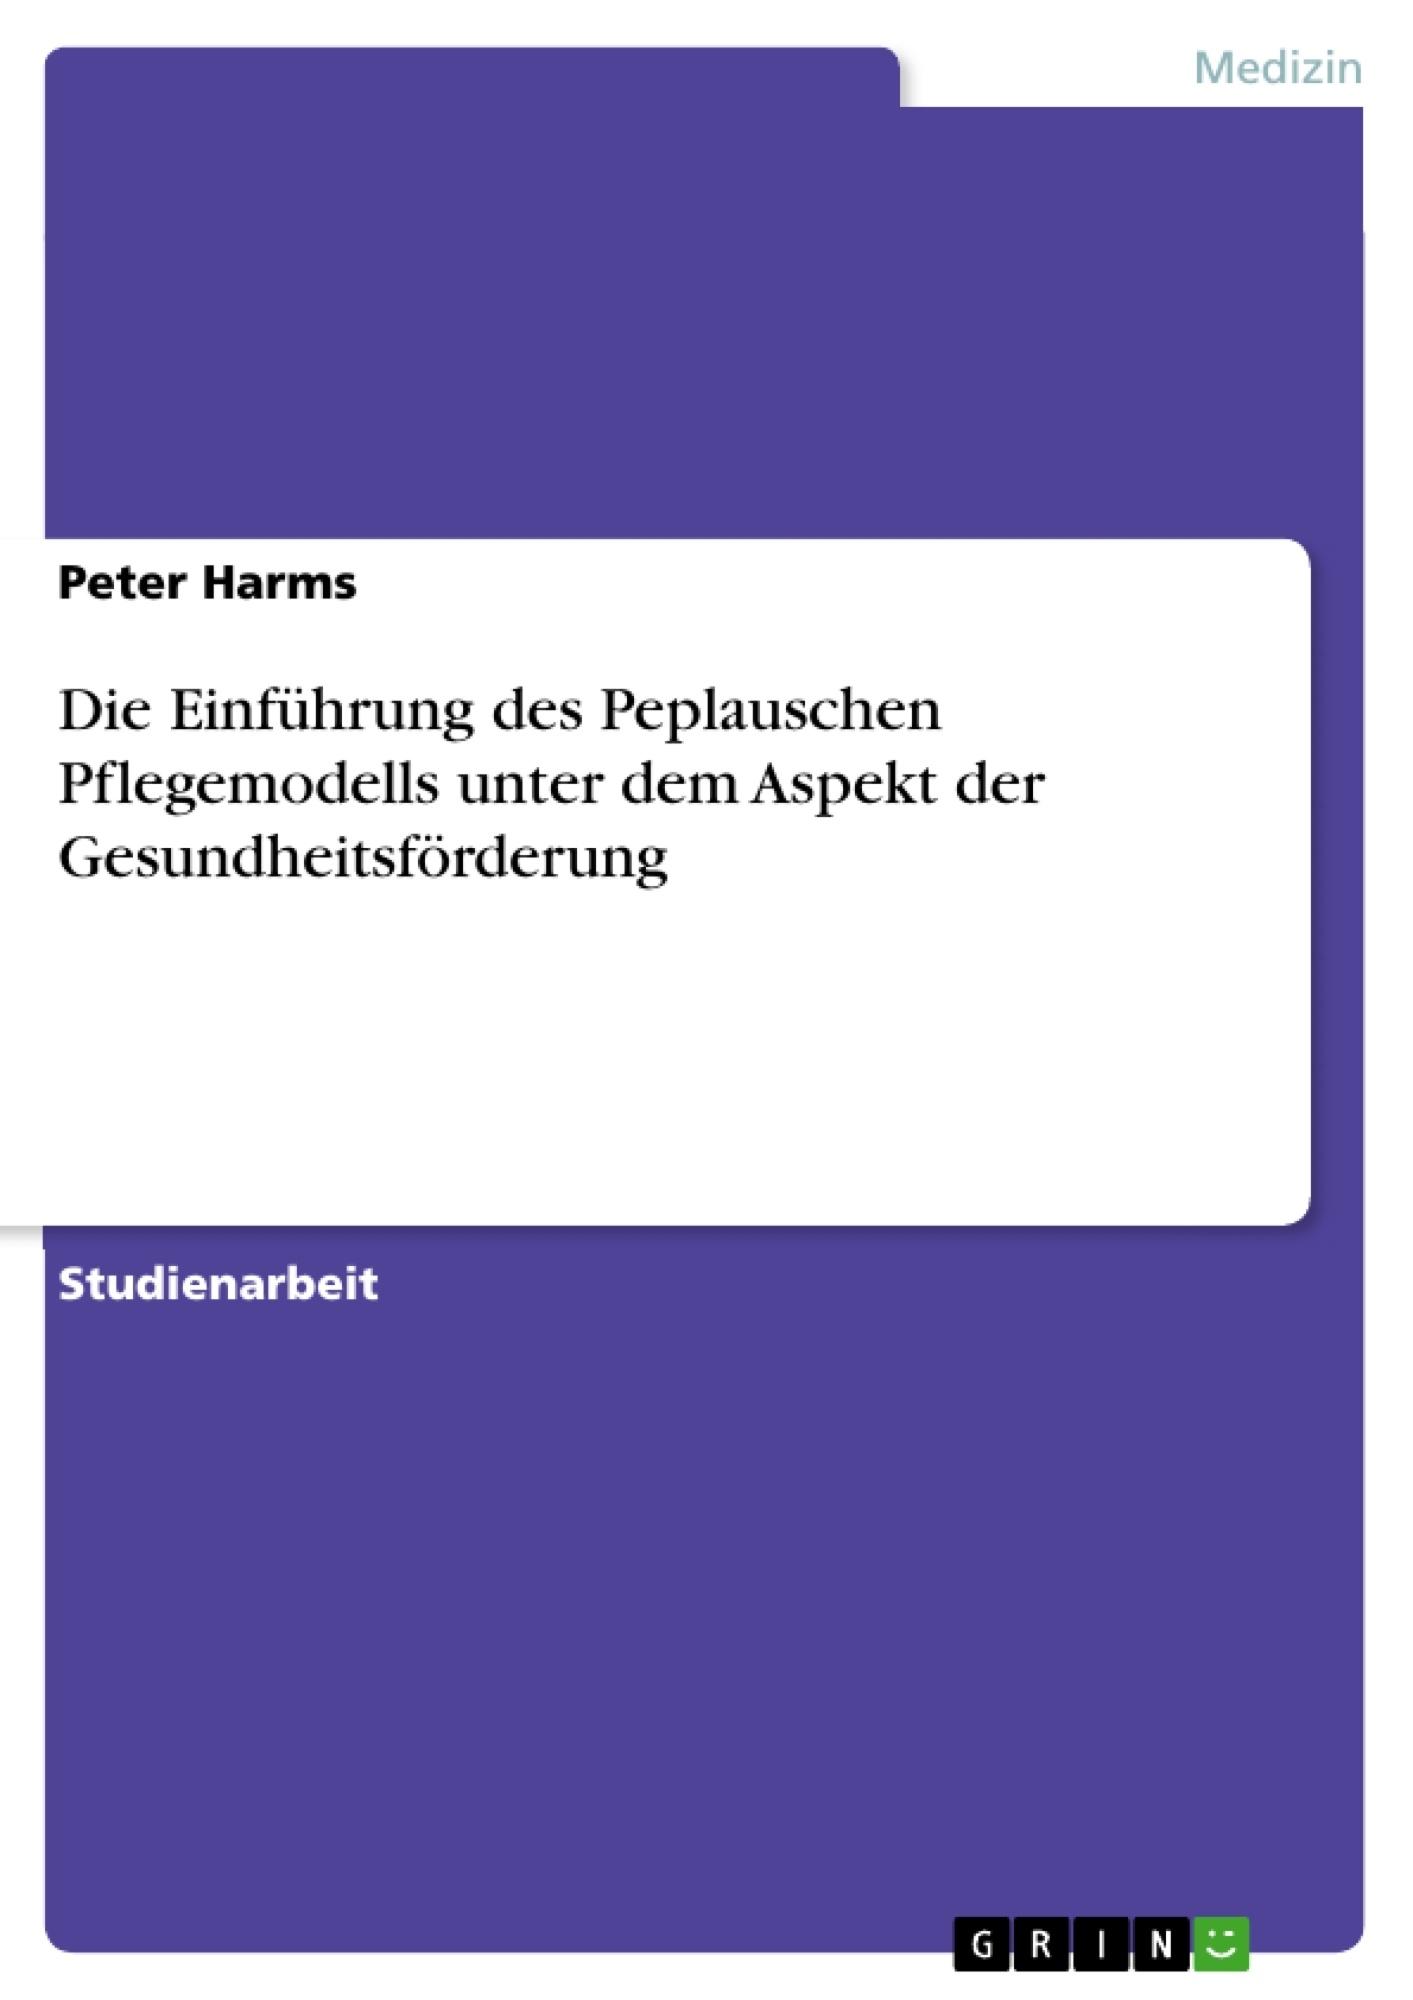 Titel: Die Einführung des Peplauschen Pflegemodells unter dem Aspekt der Gesundheitsförderung